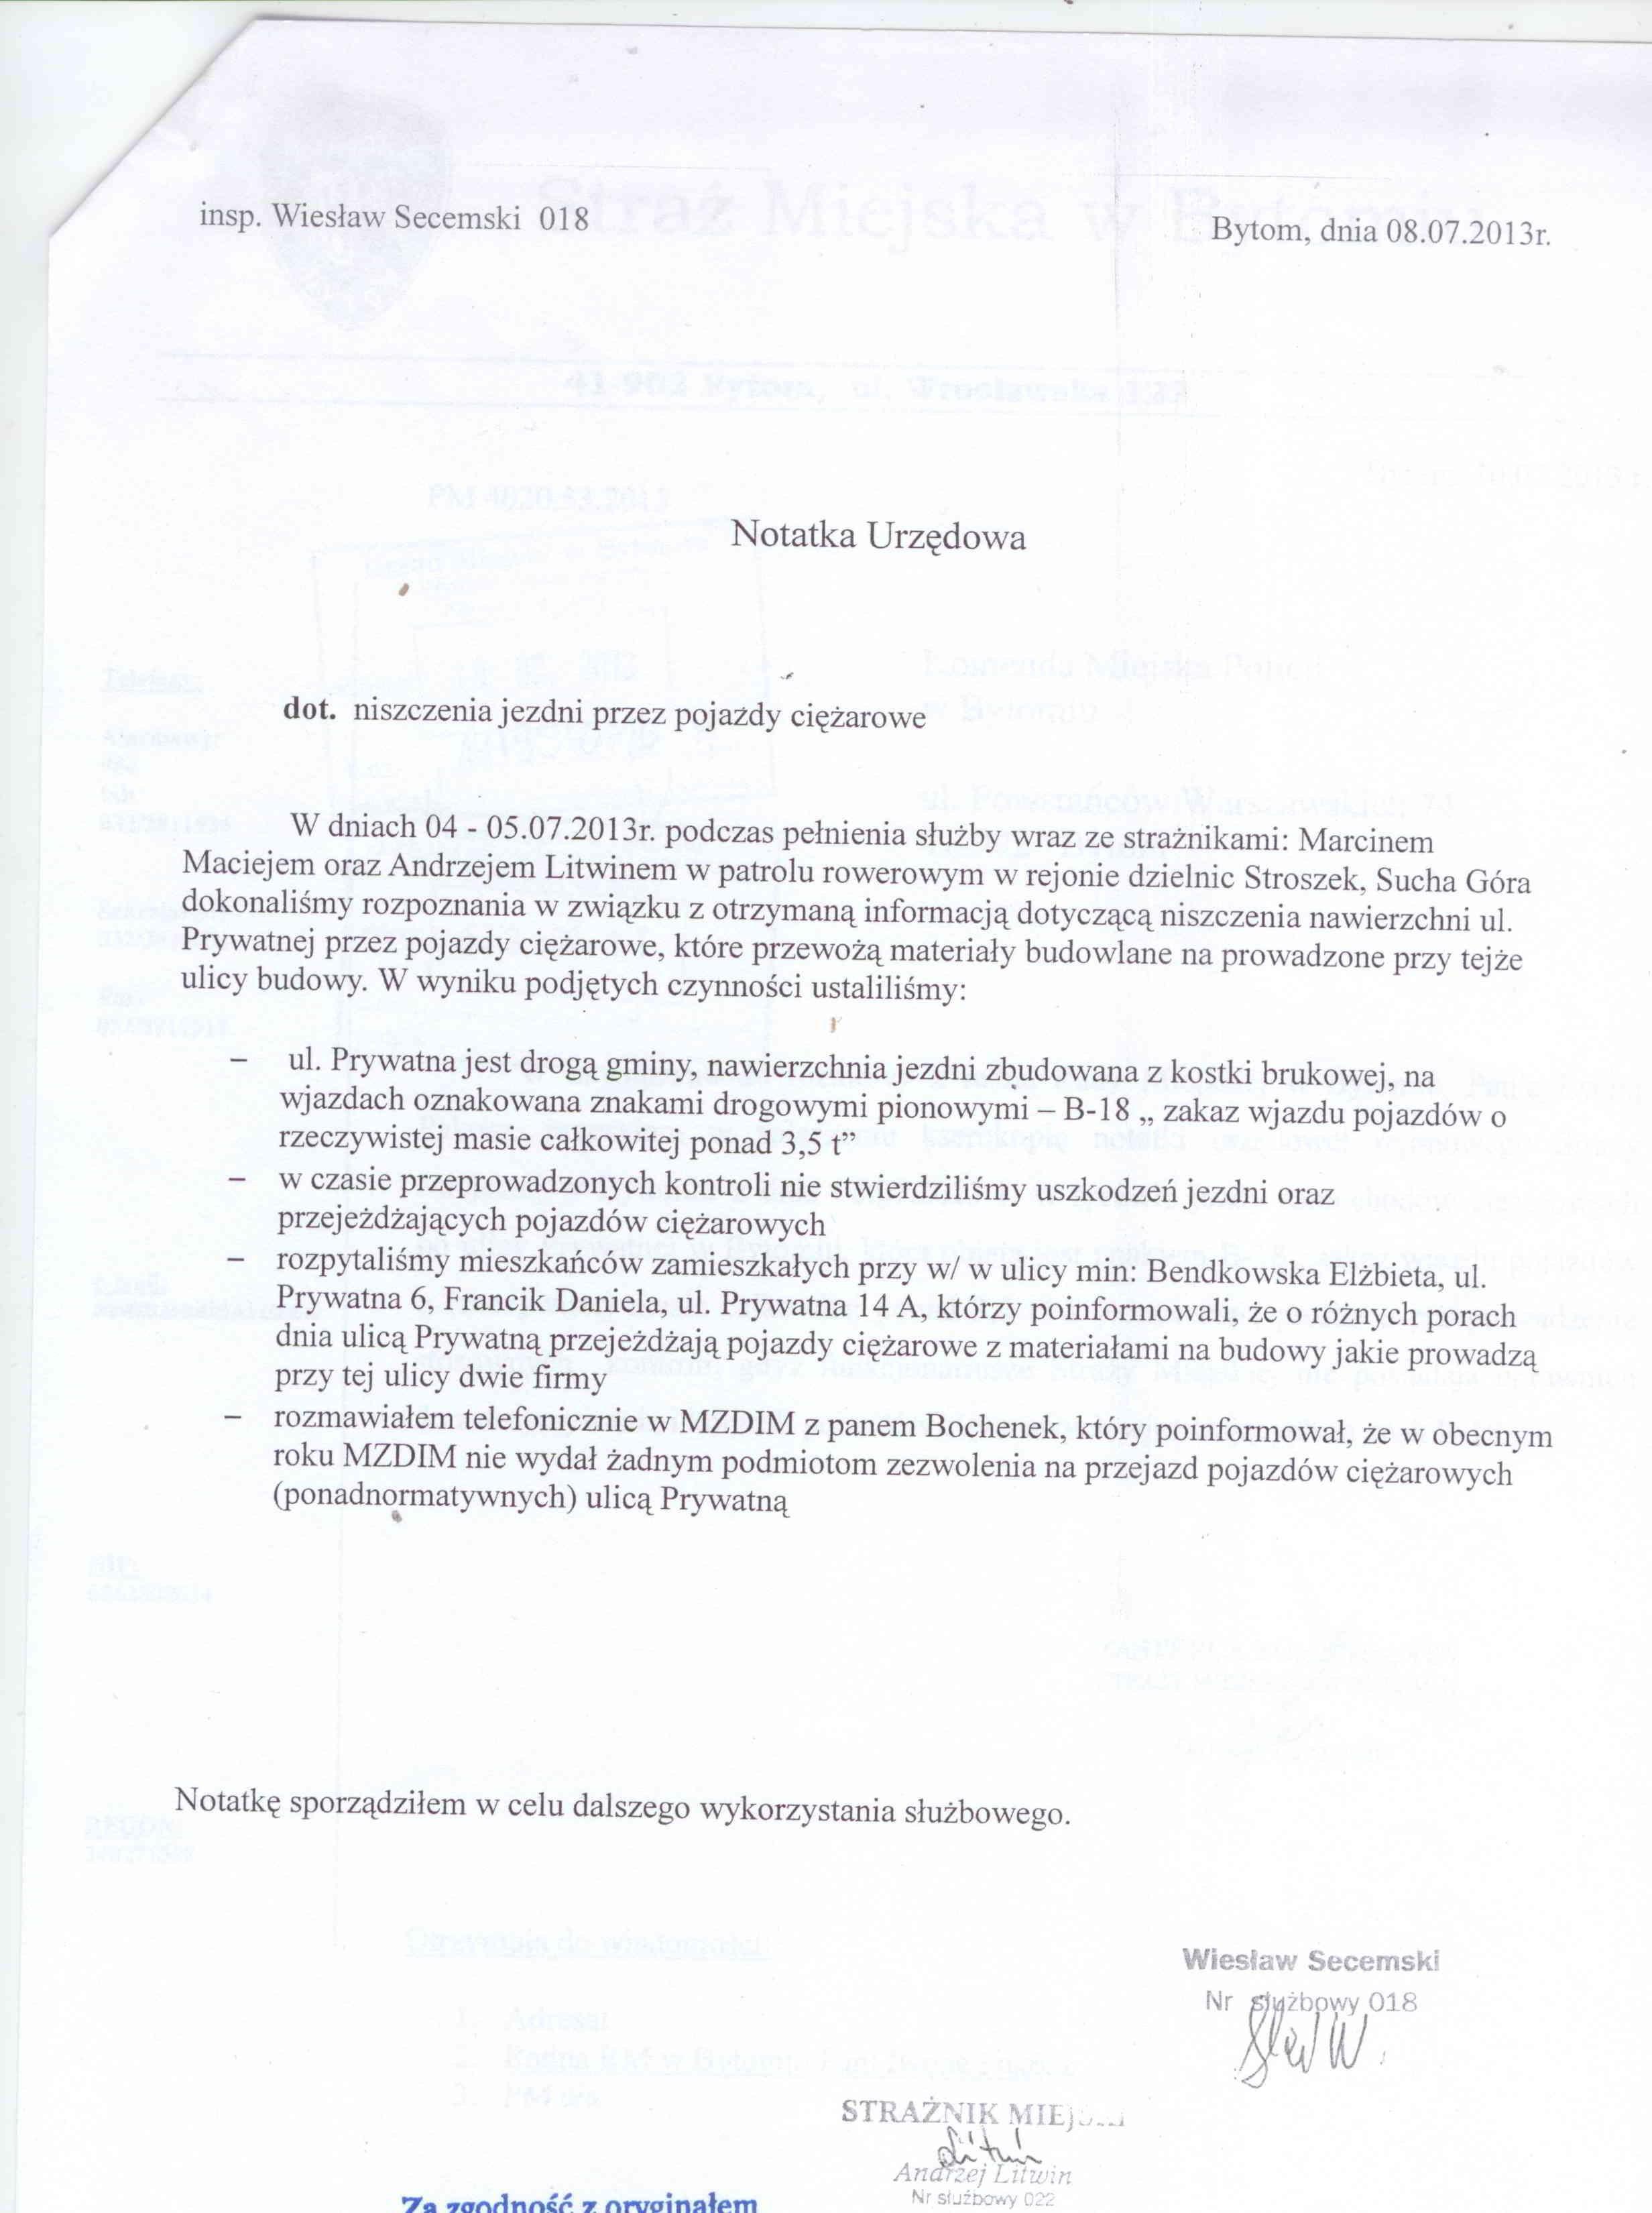 PRYWATNA 5